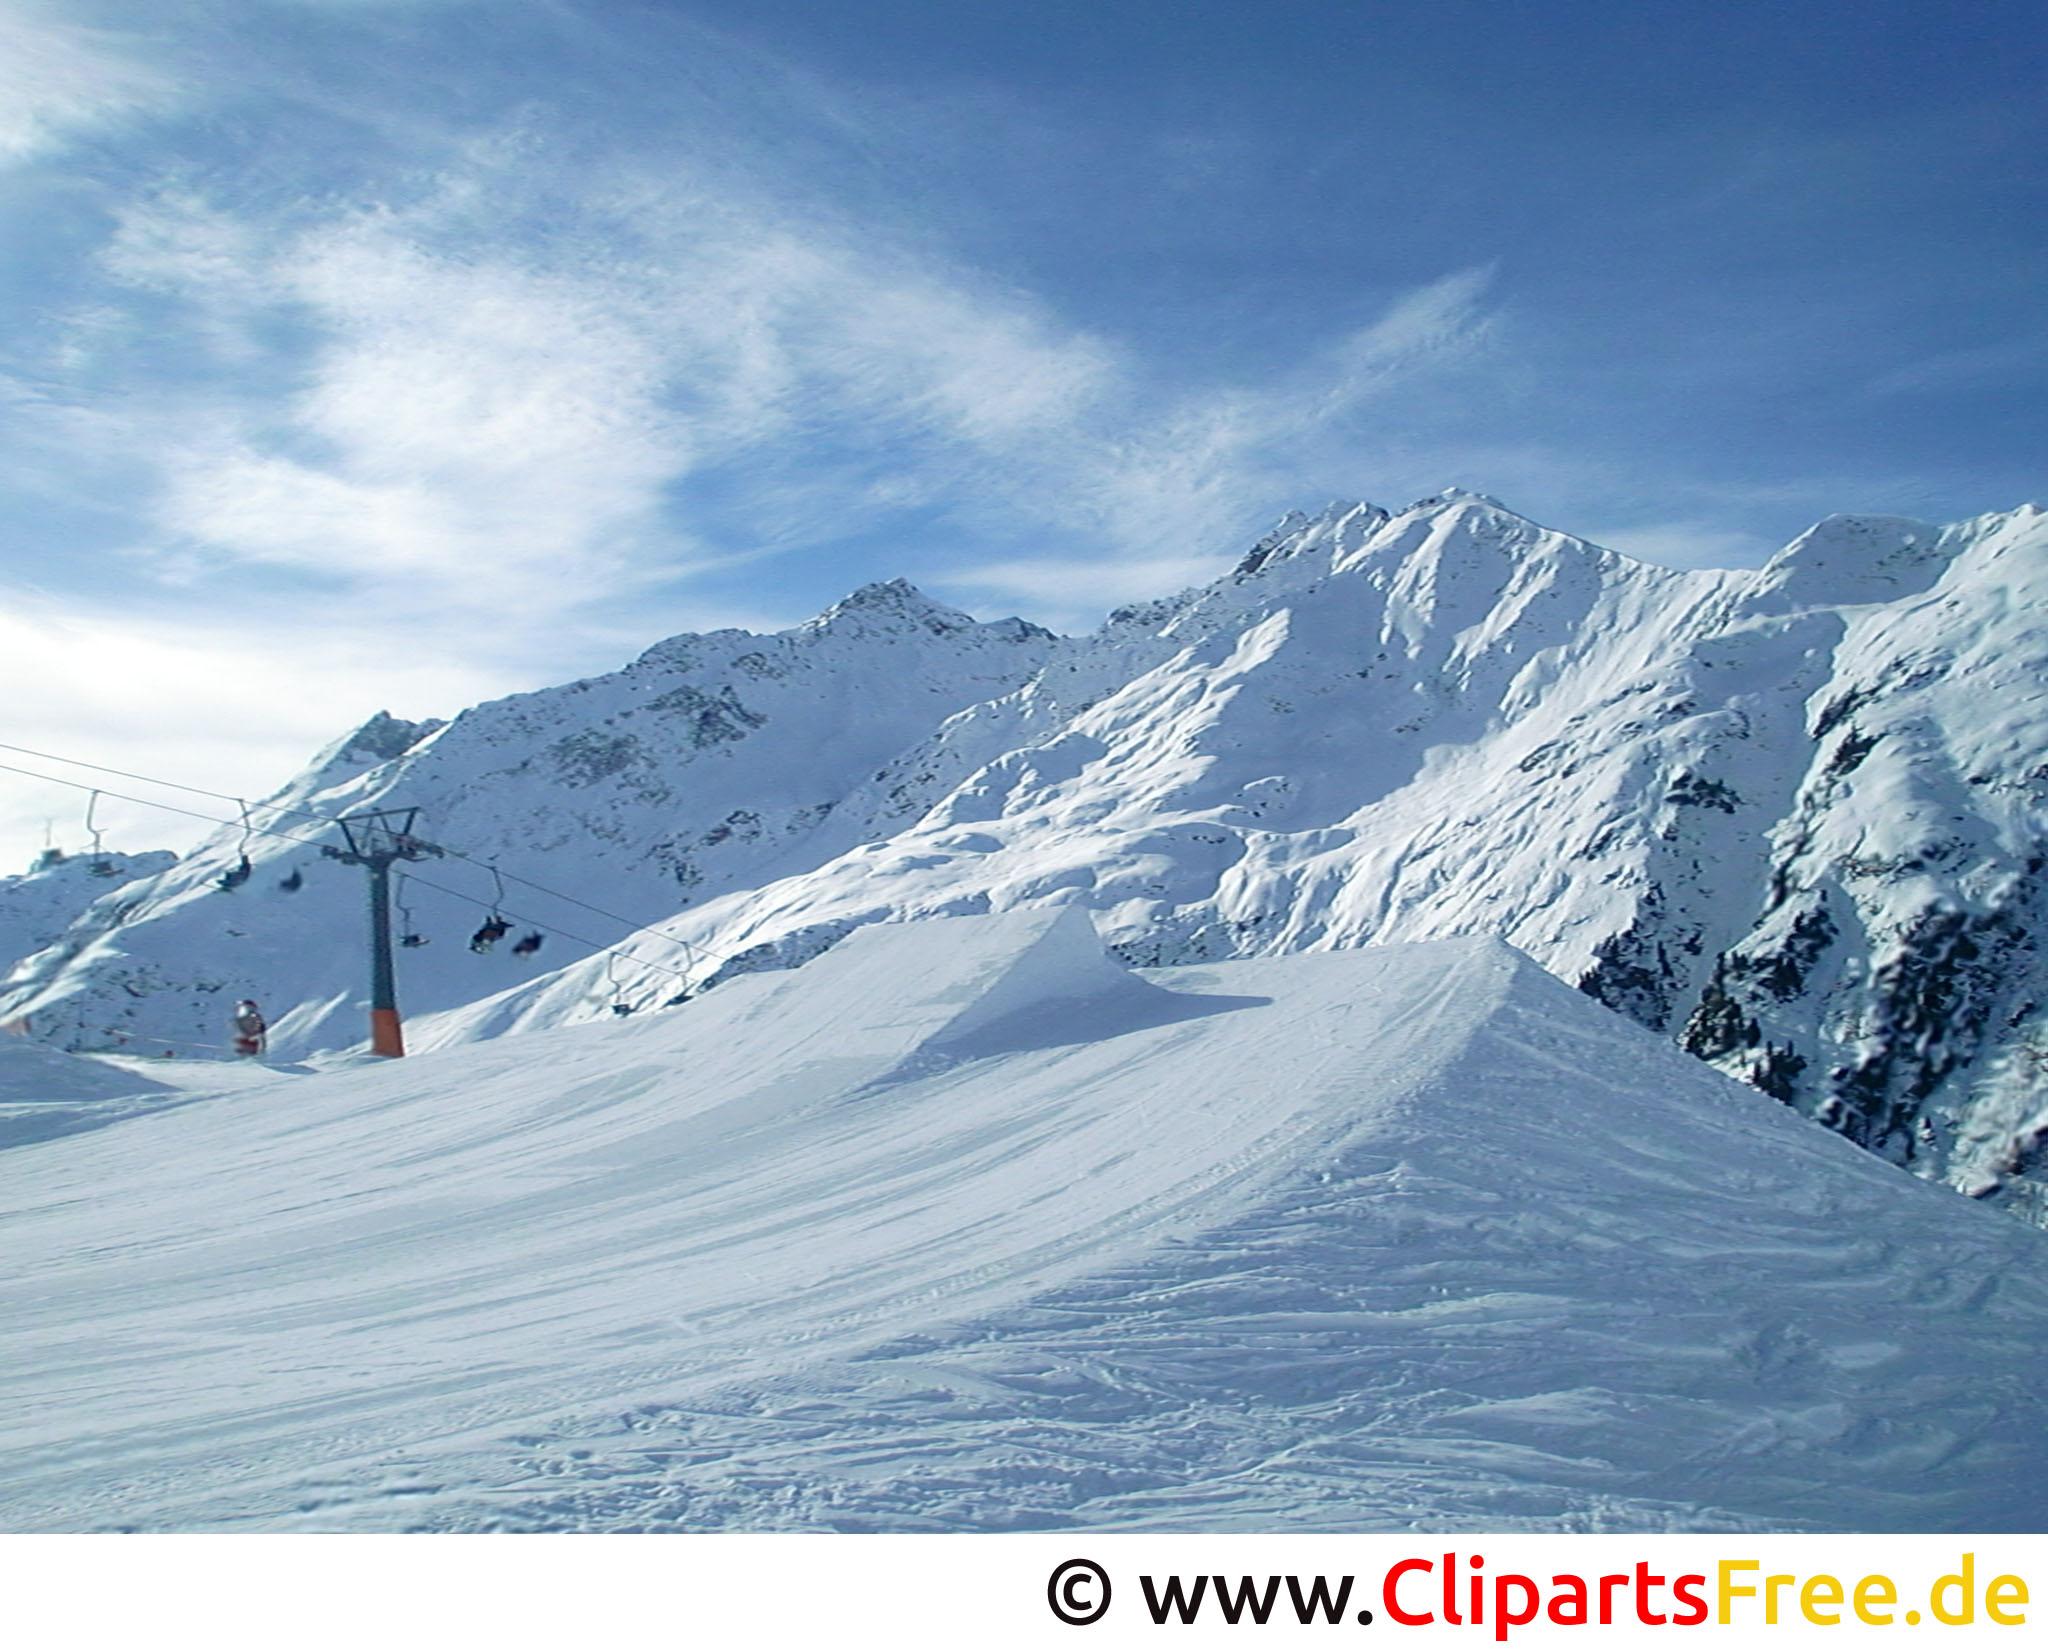 Ski Piste Bild, Foto, Grafik kostenlos